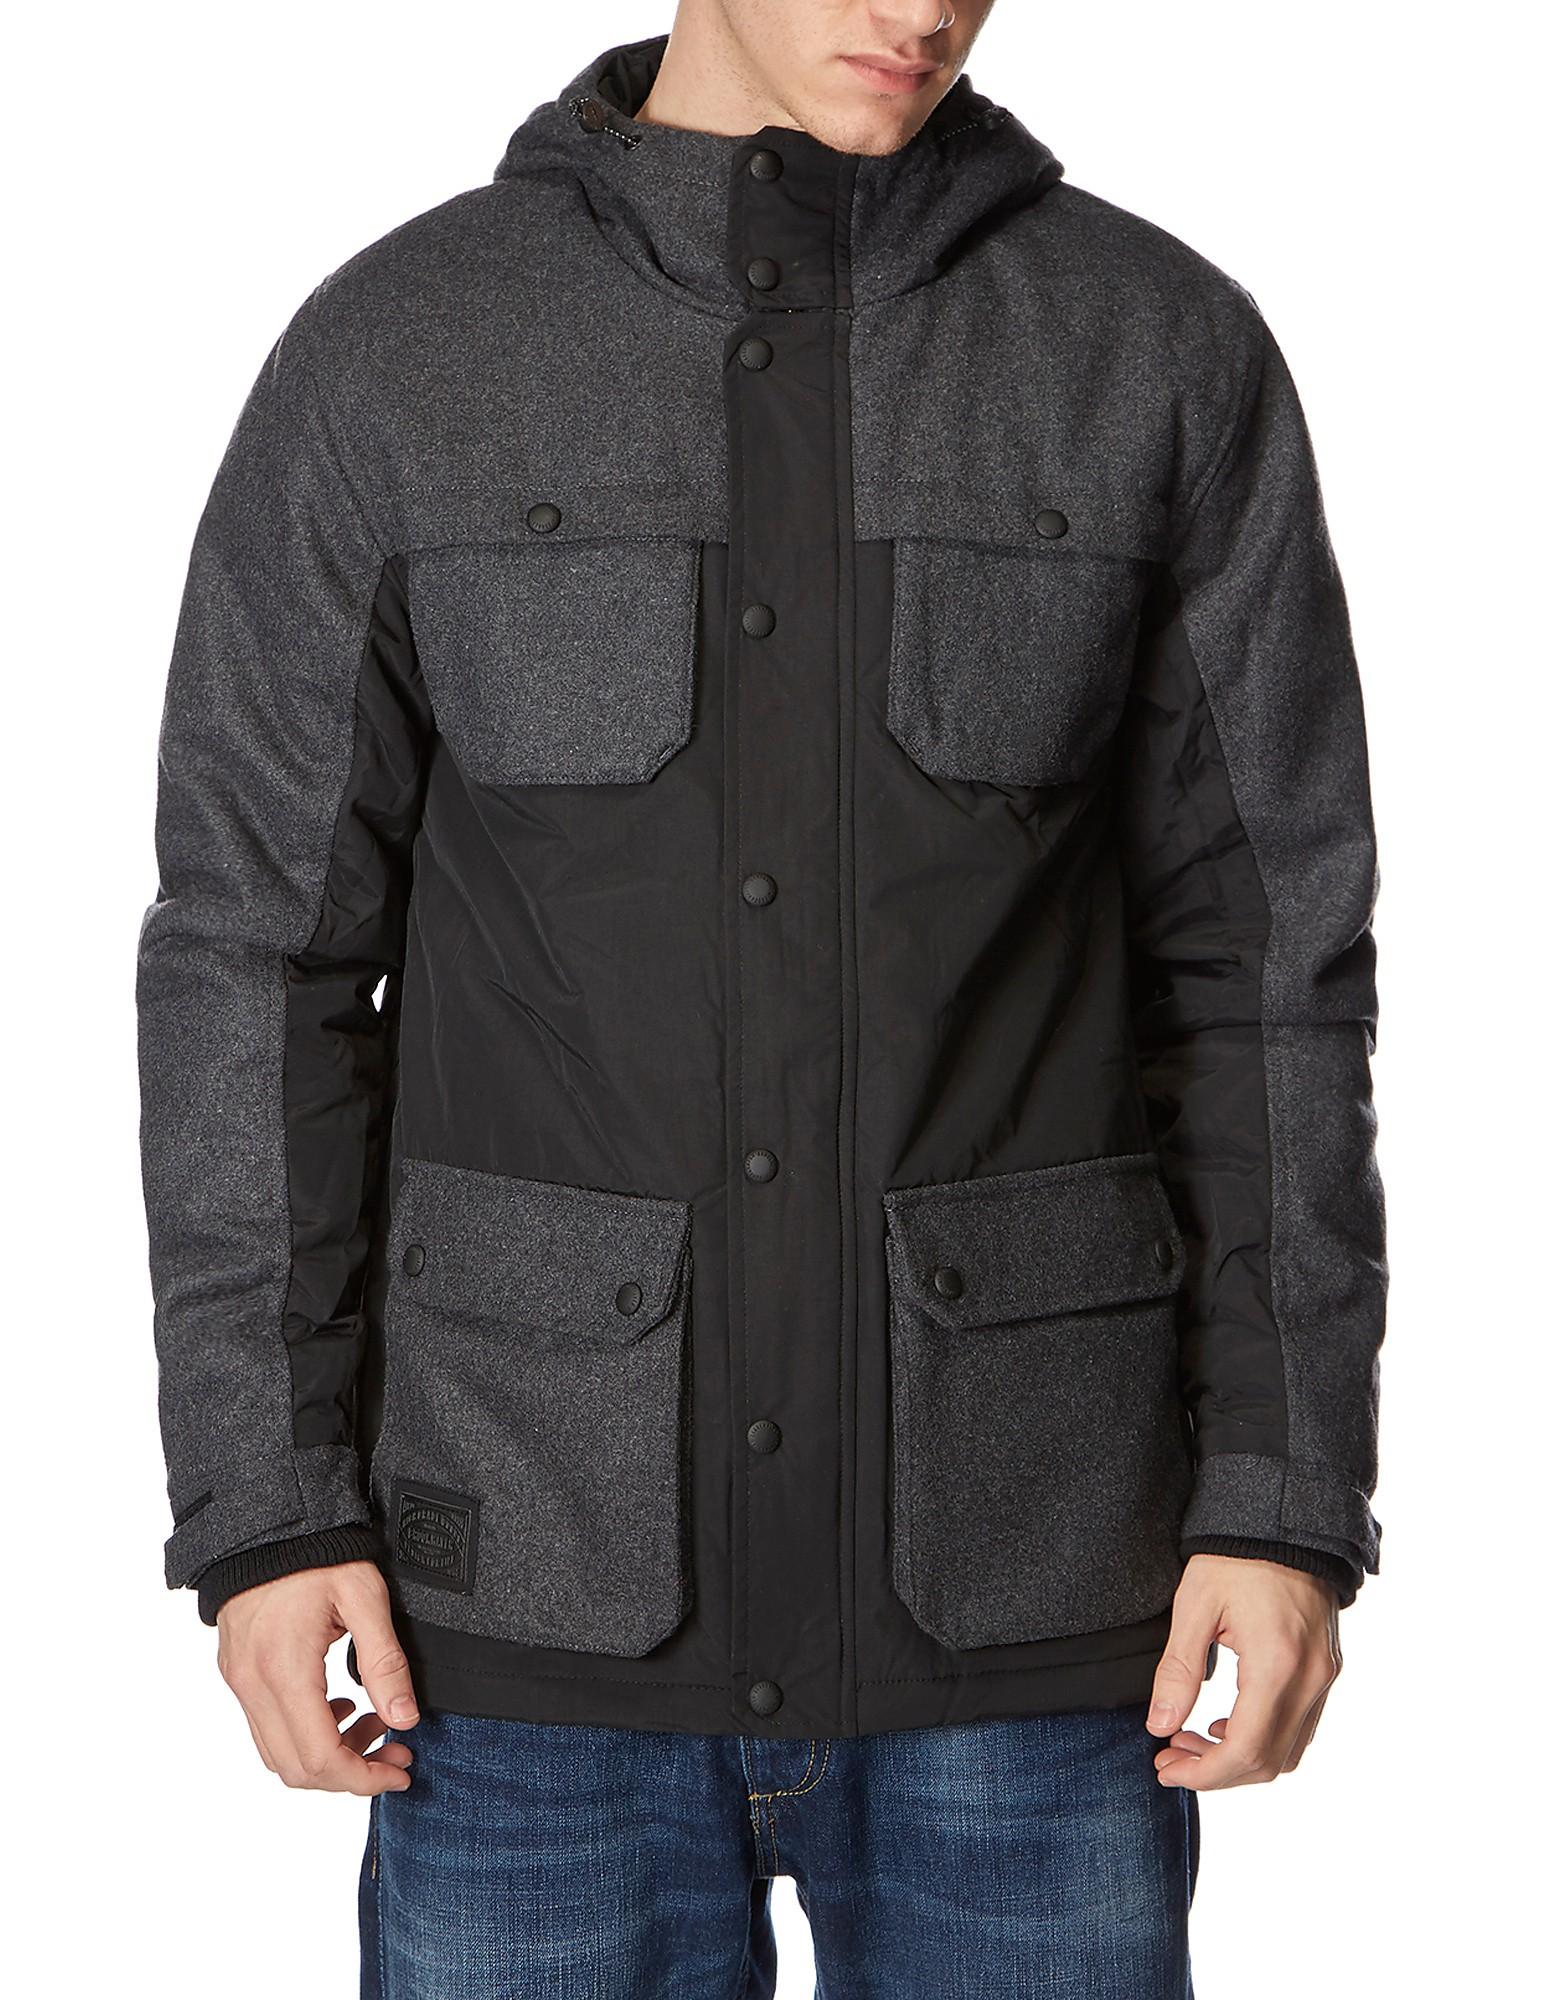 Brookhaven Gatton Jacket